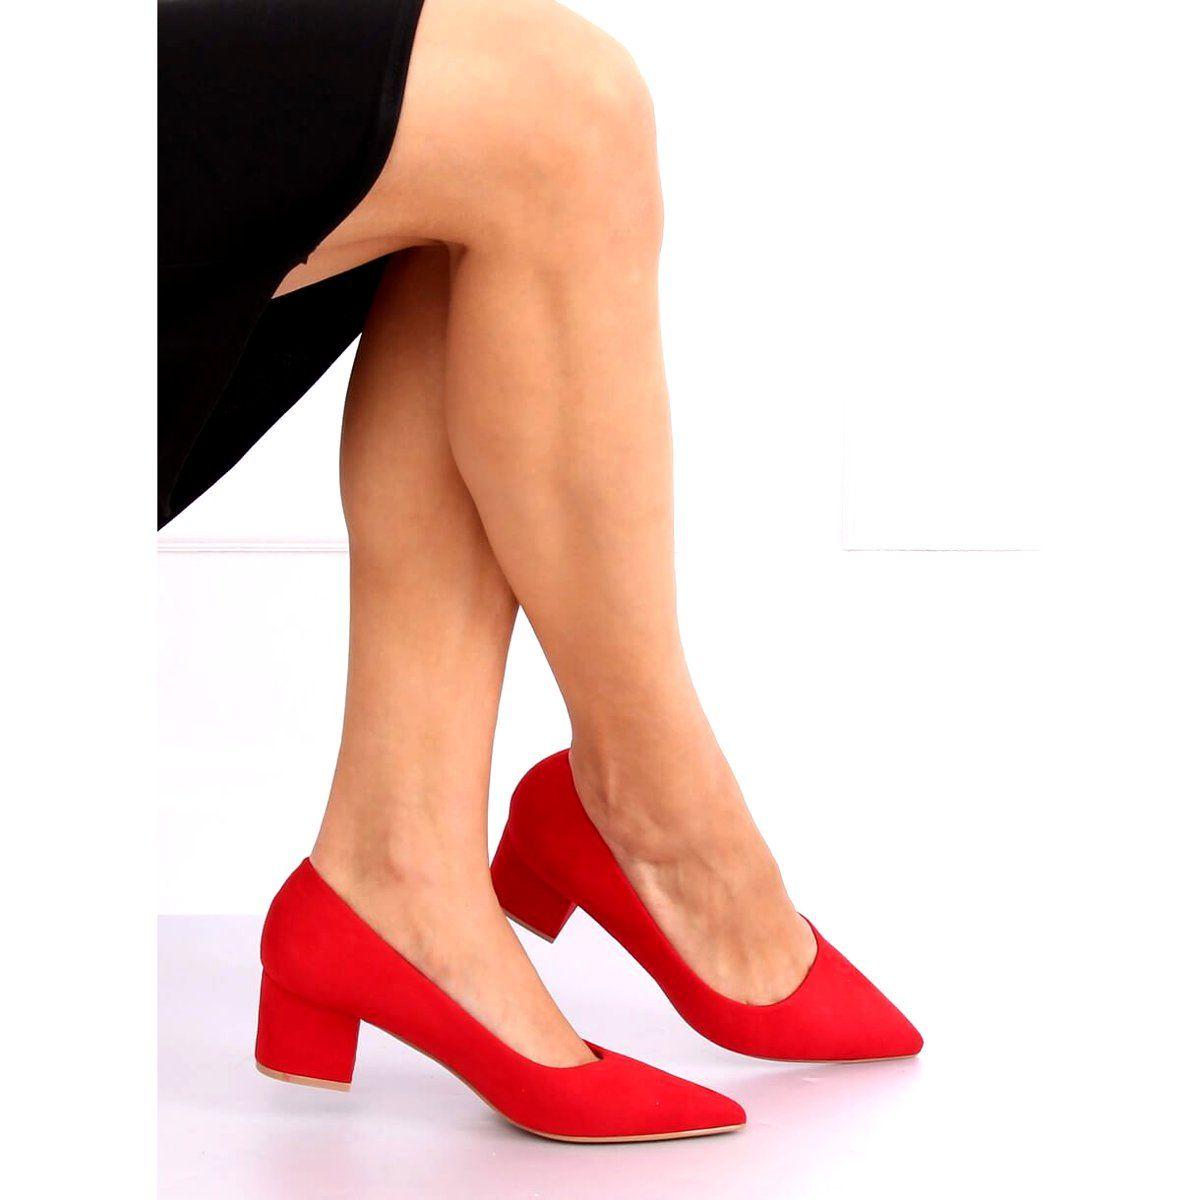 Czolenka Na Niskim Obcasie Czerwone A 3370 Red Heels Fashion Shoes